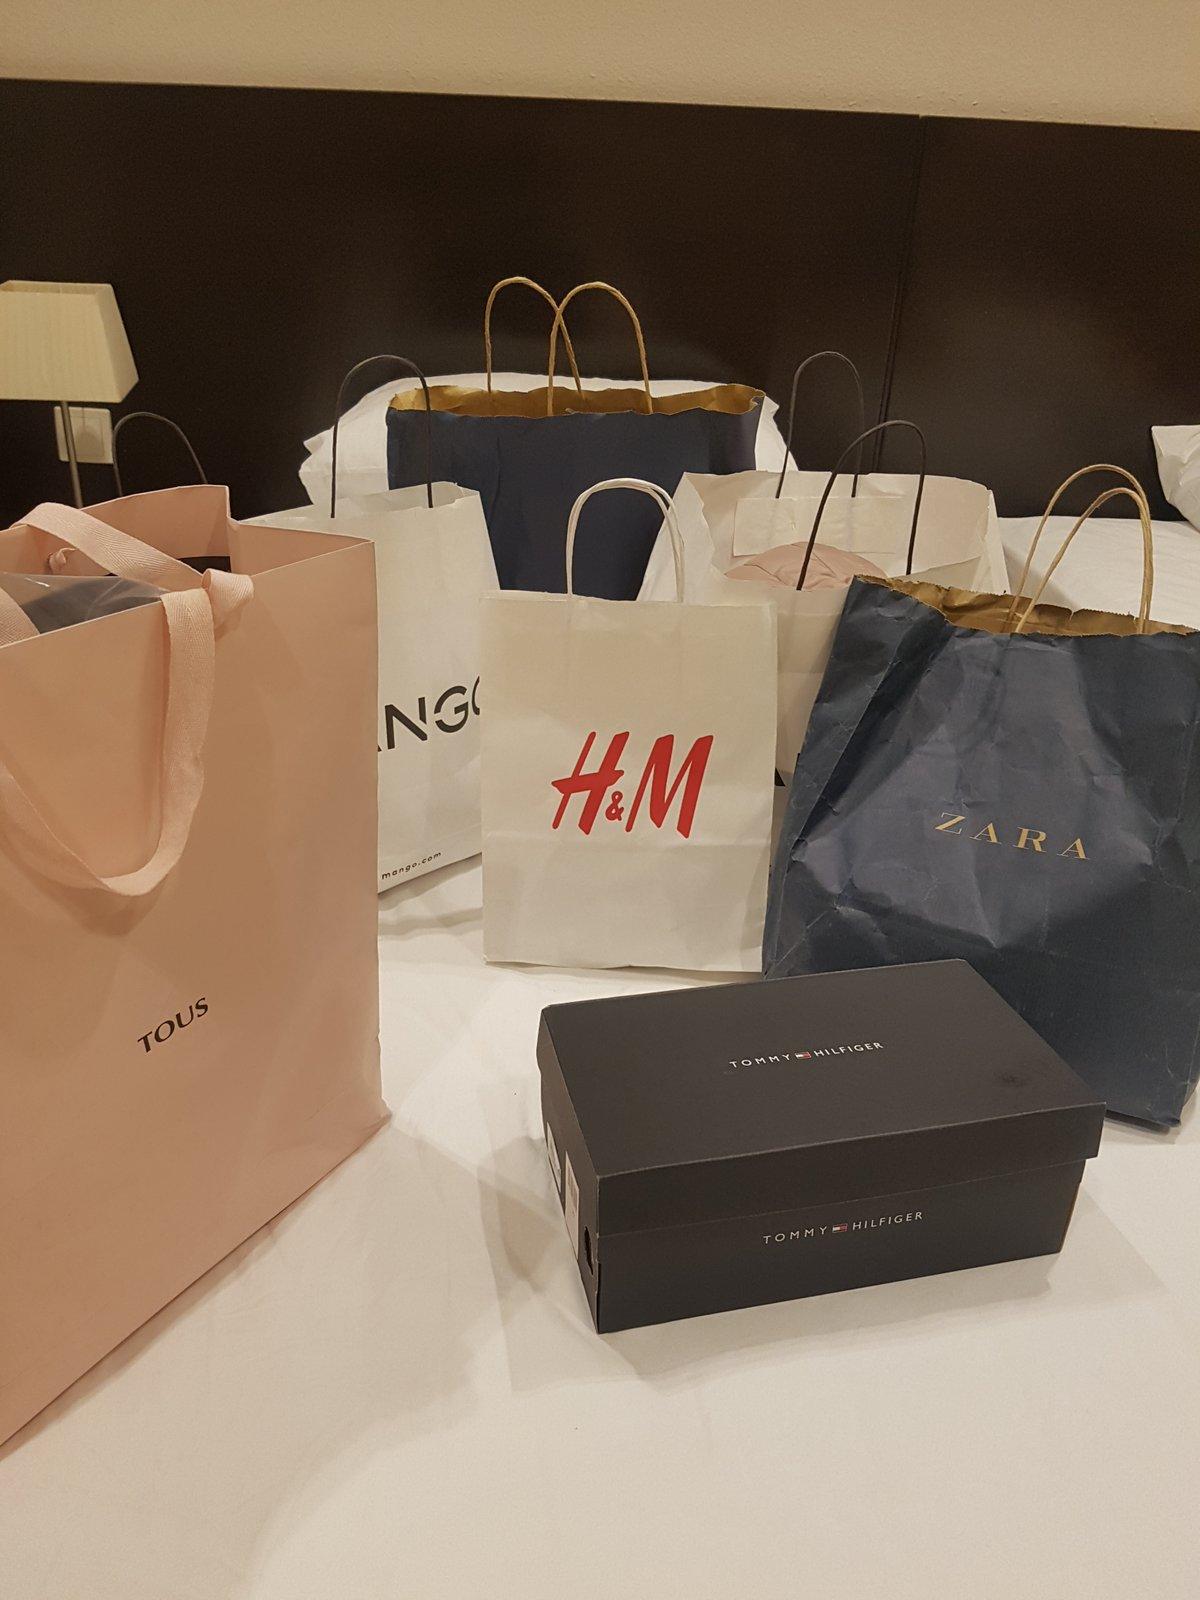 קניות במדריד, מדריד, אירית אסלן, מתוקתקת, בלוג, Irit Aslan